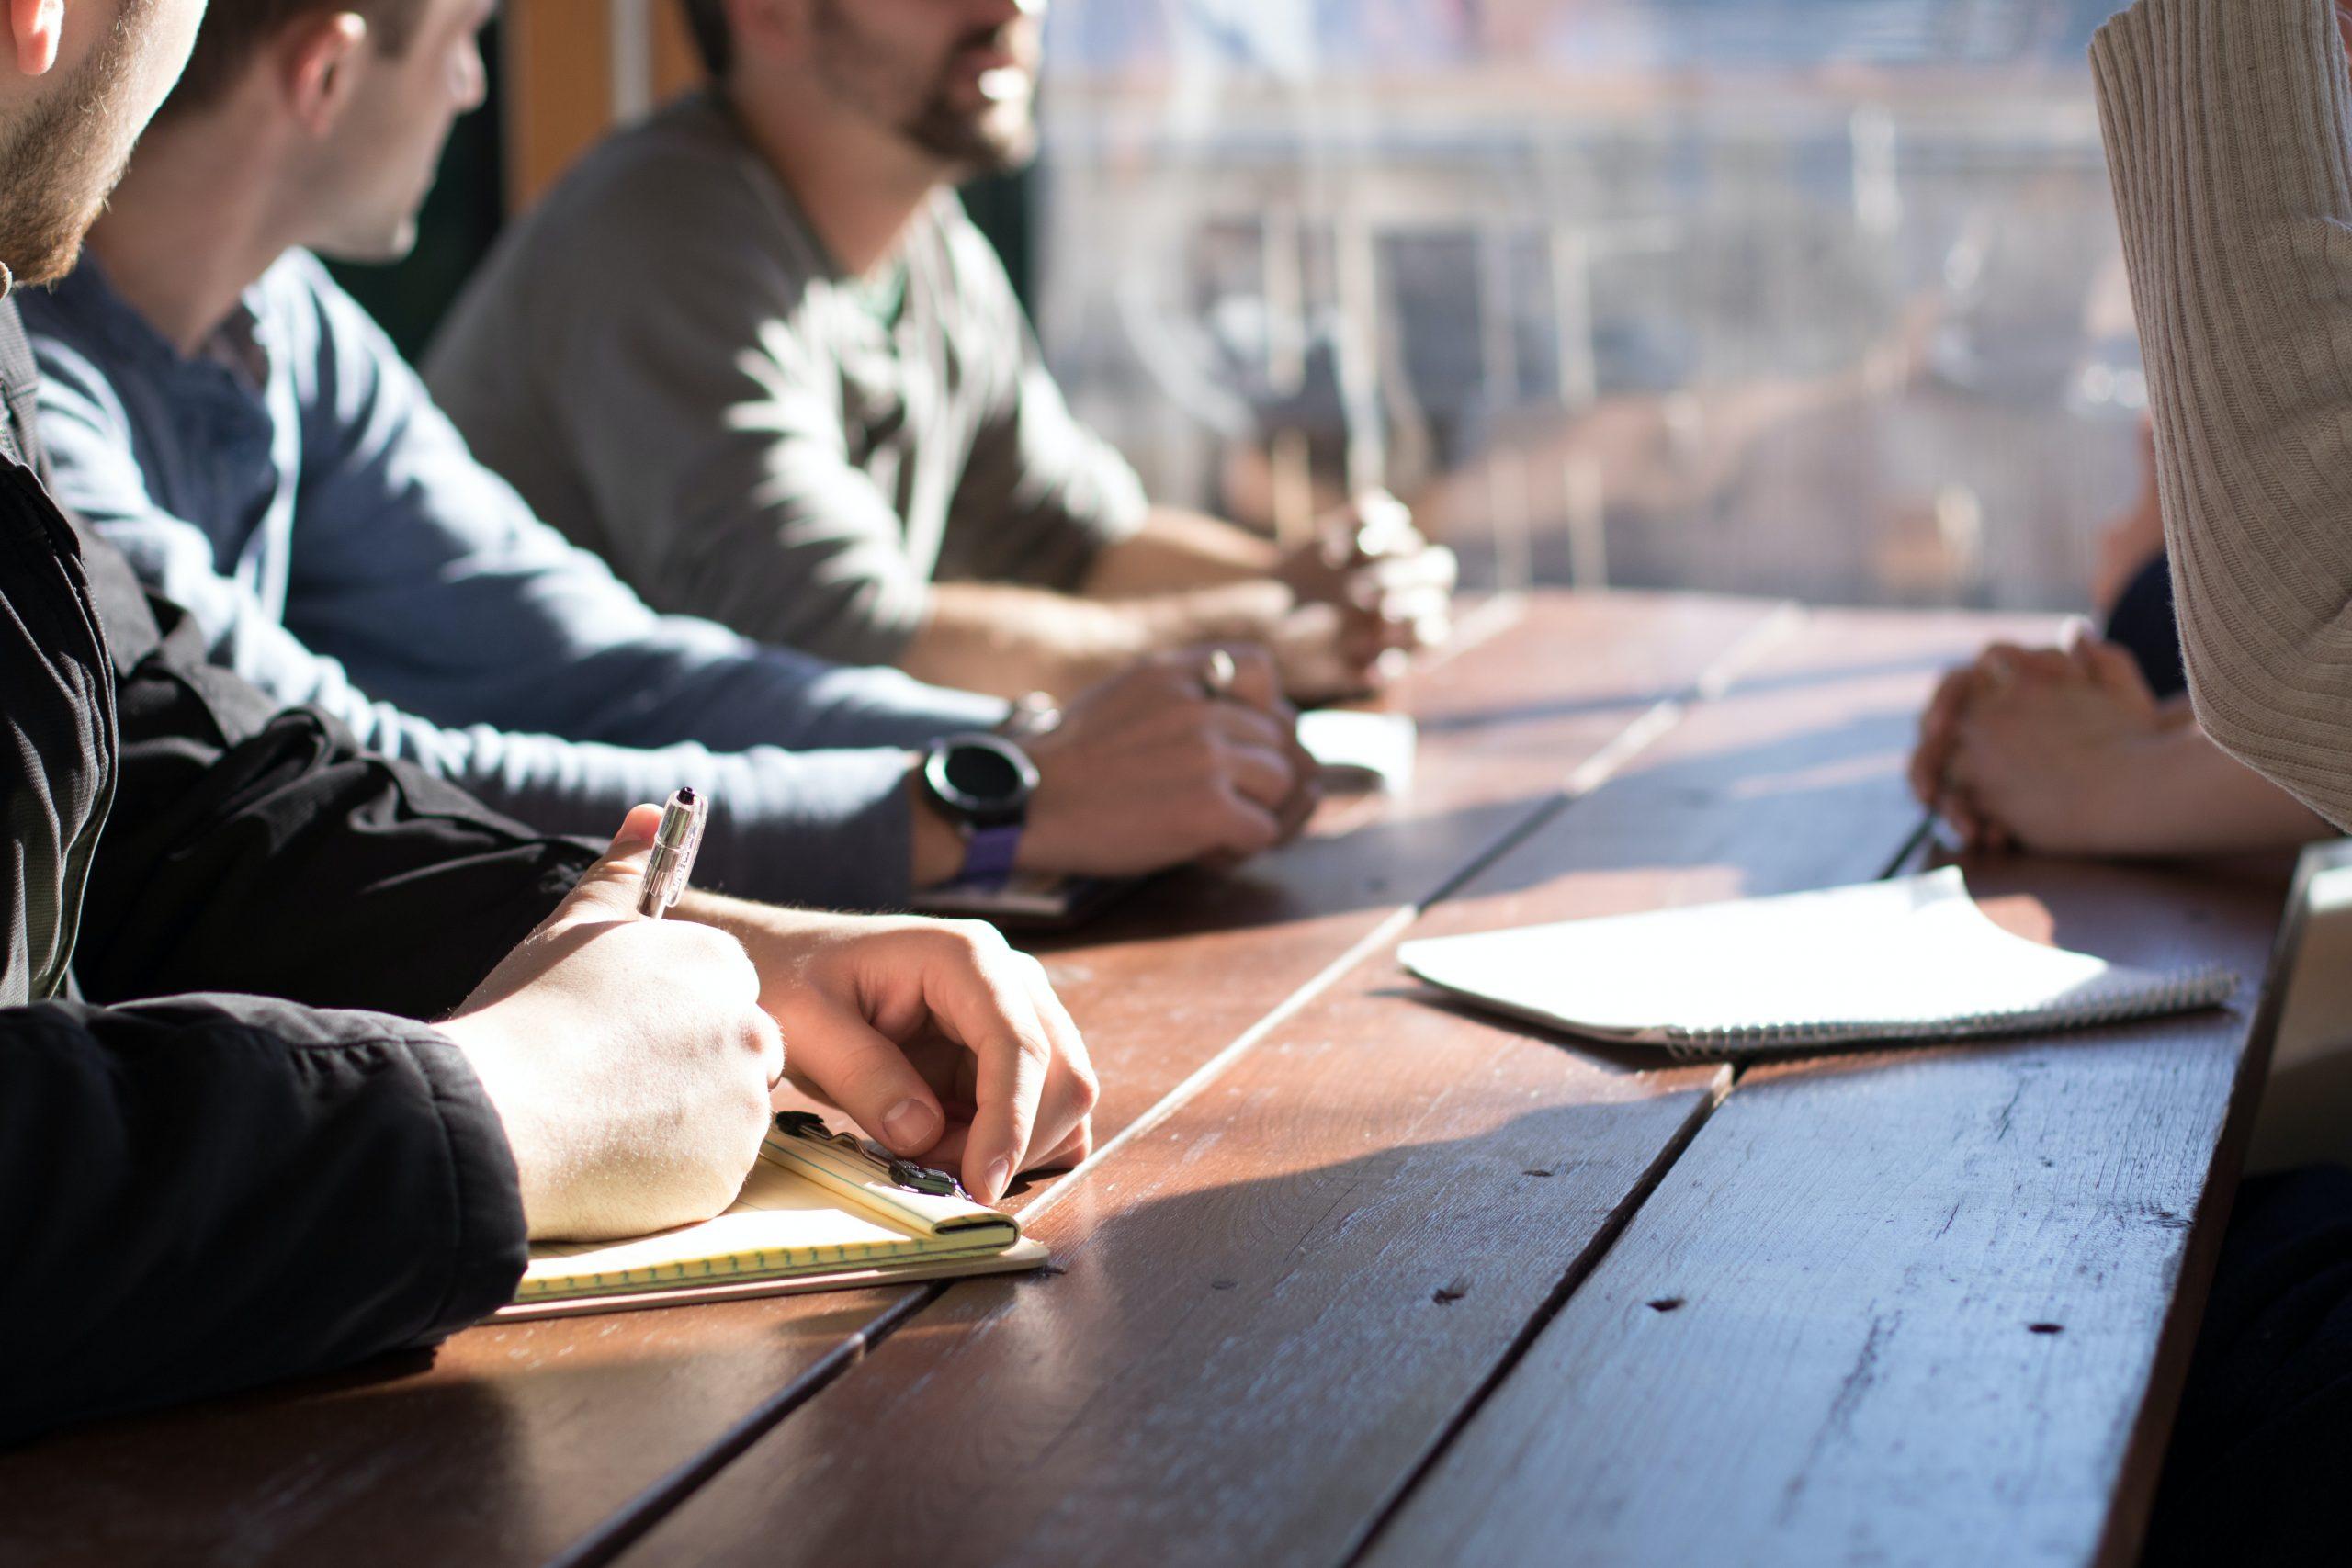 Tworzenie aplikacji - 7 kroków, żeby znaleźć idealny team